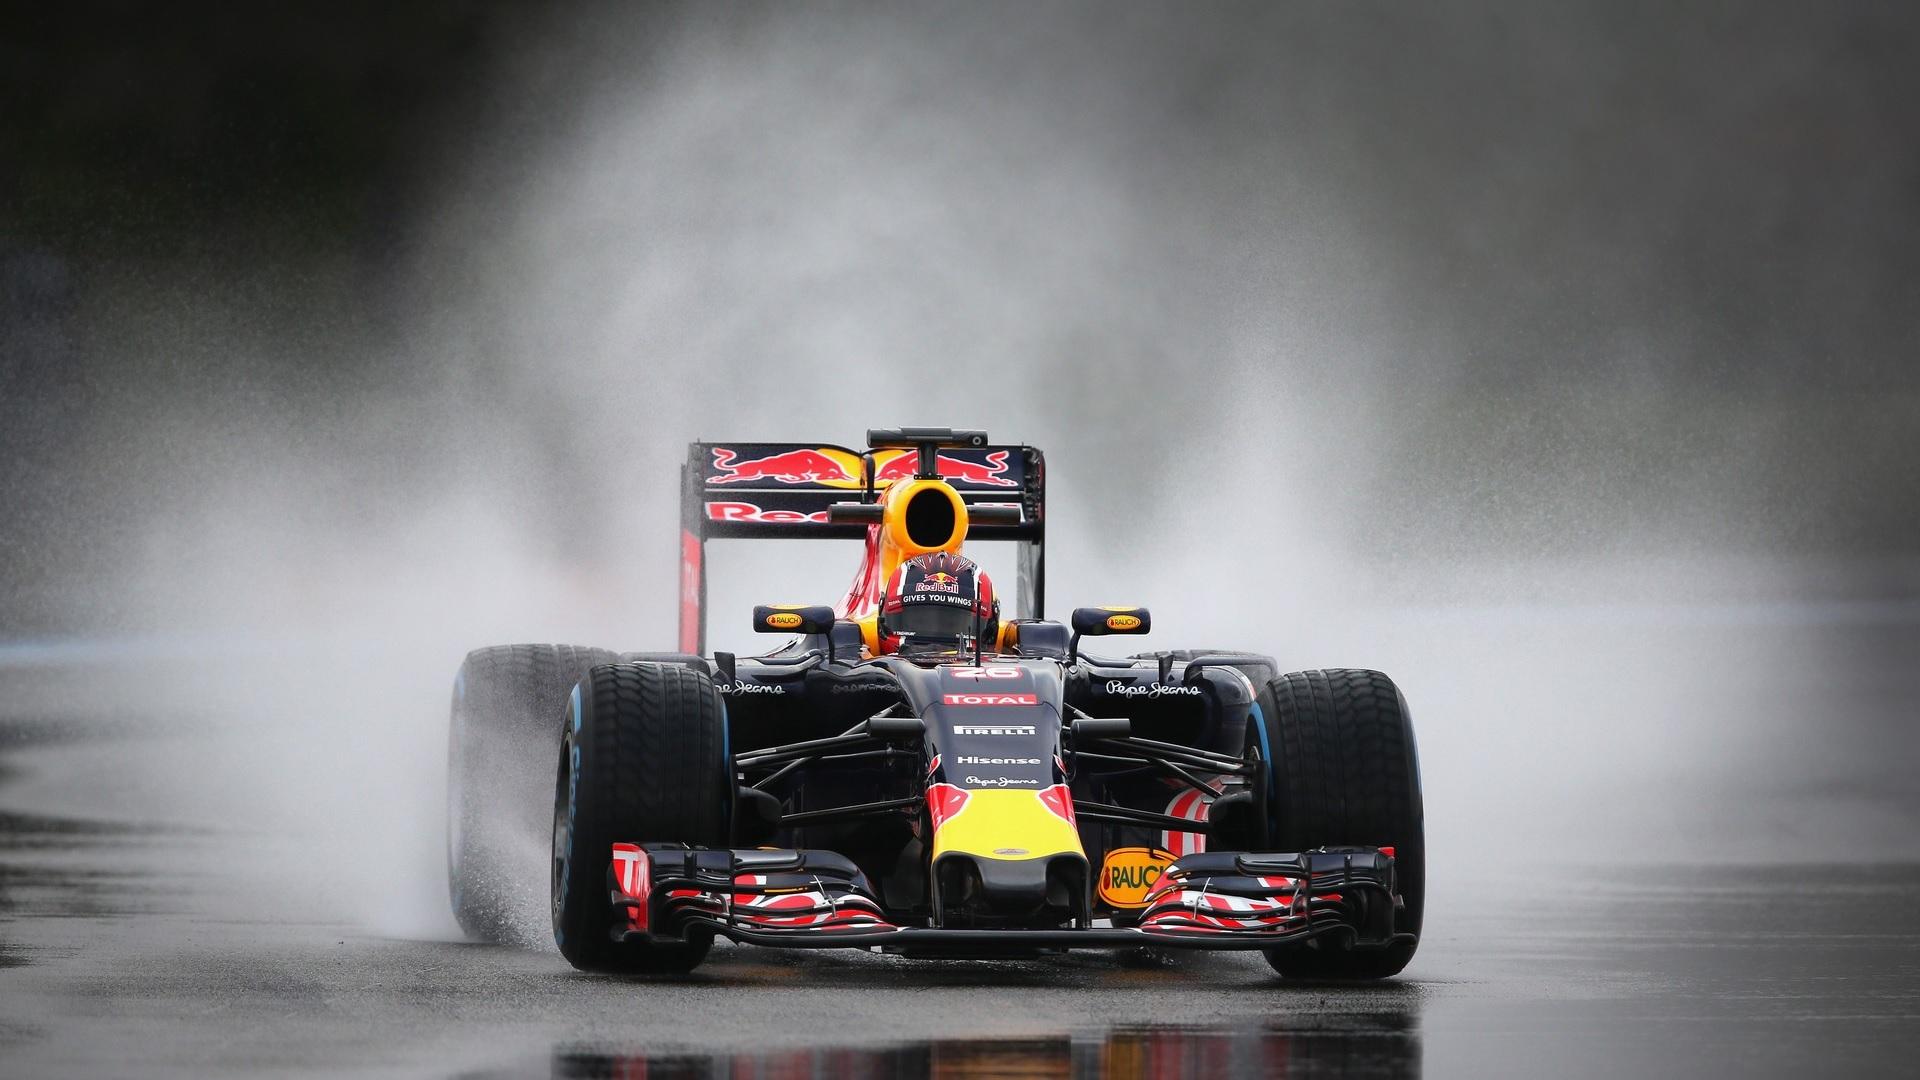 Formel 1 j - Formel 1 bilder